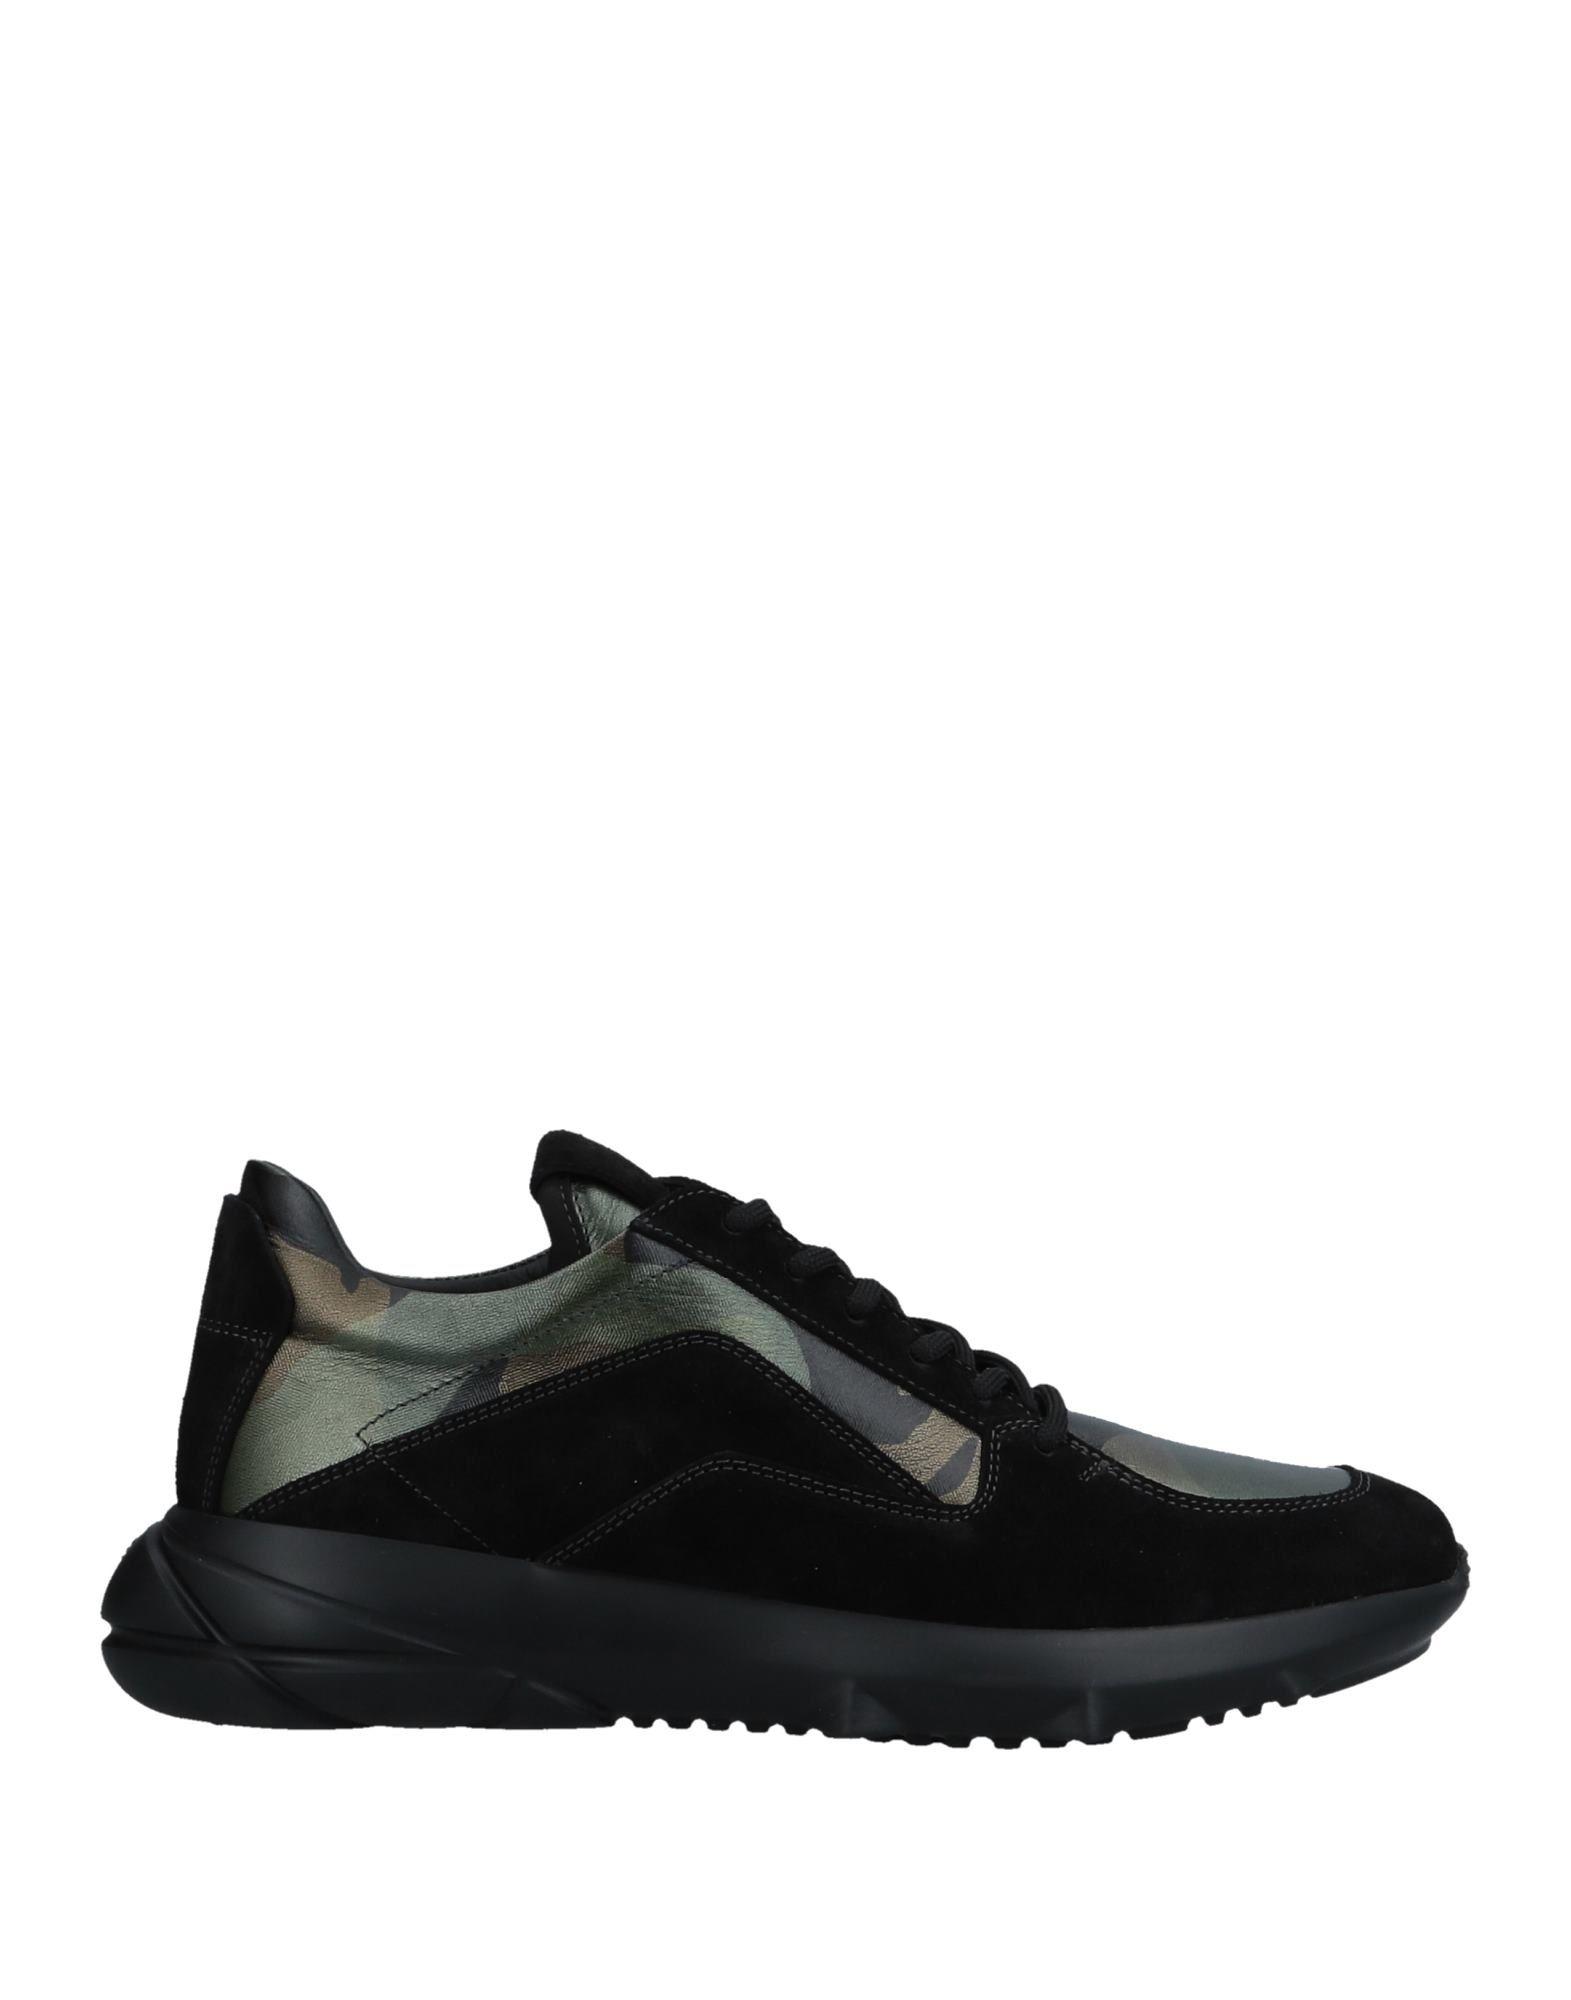 Emporio Armani Sneakers Herren  11511394LG Gute Qualität beliebte Schuhe